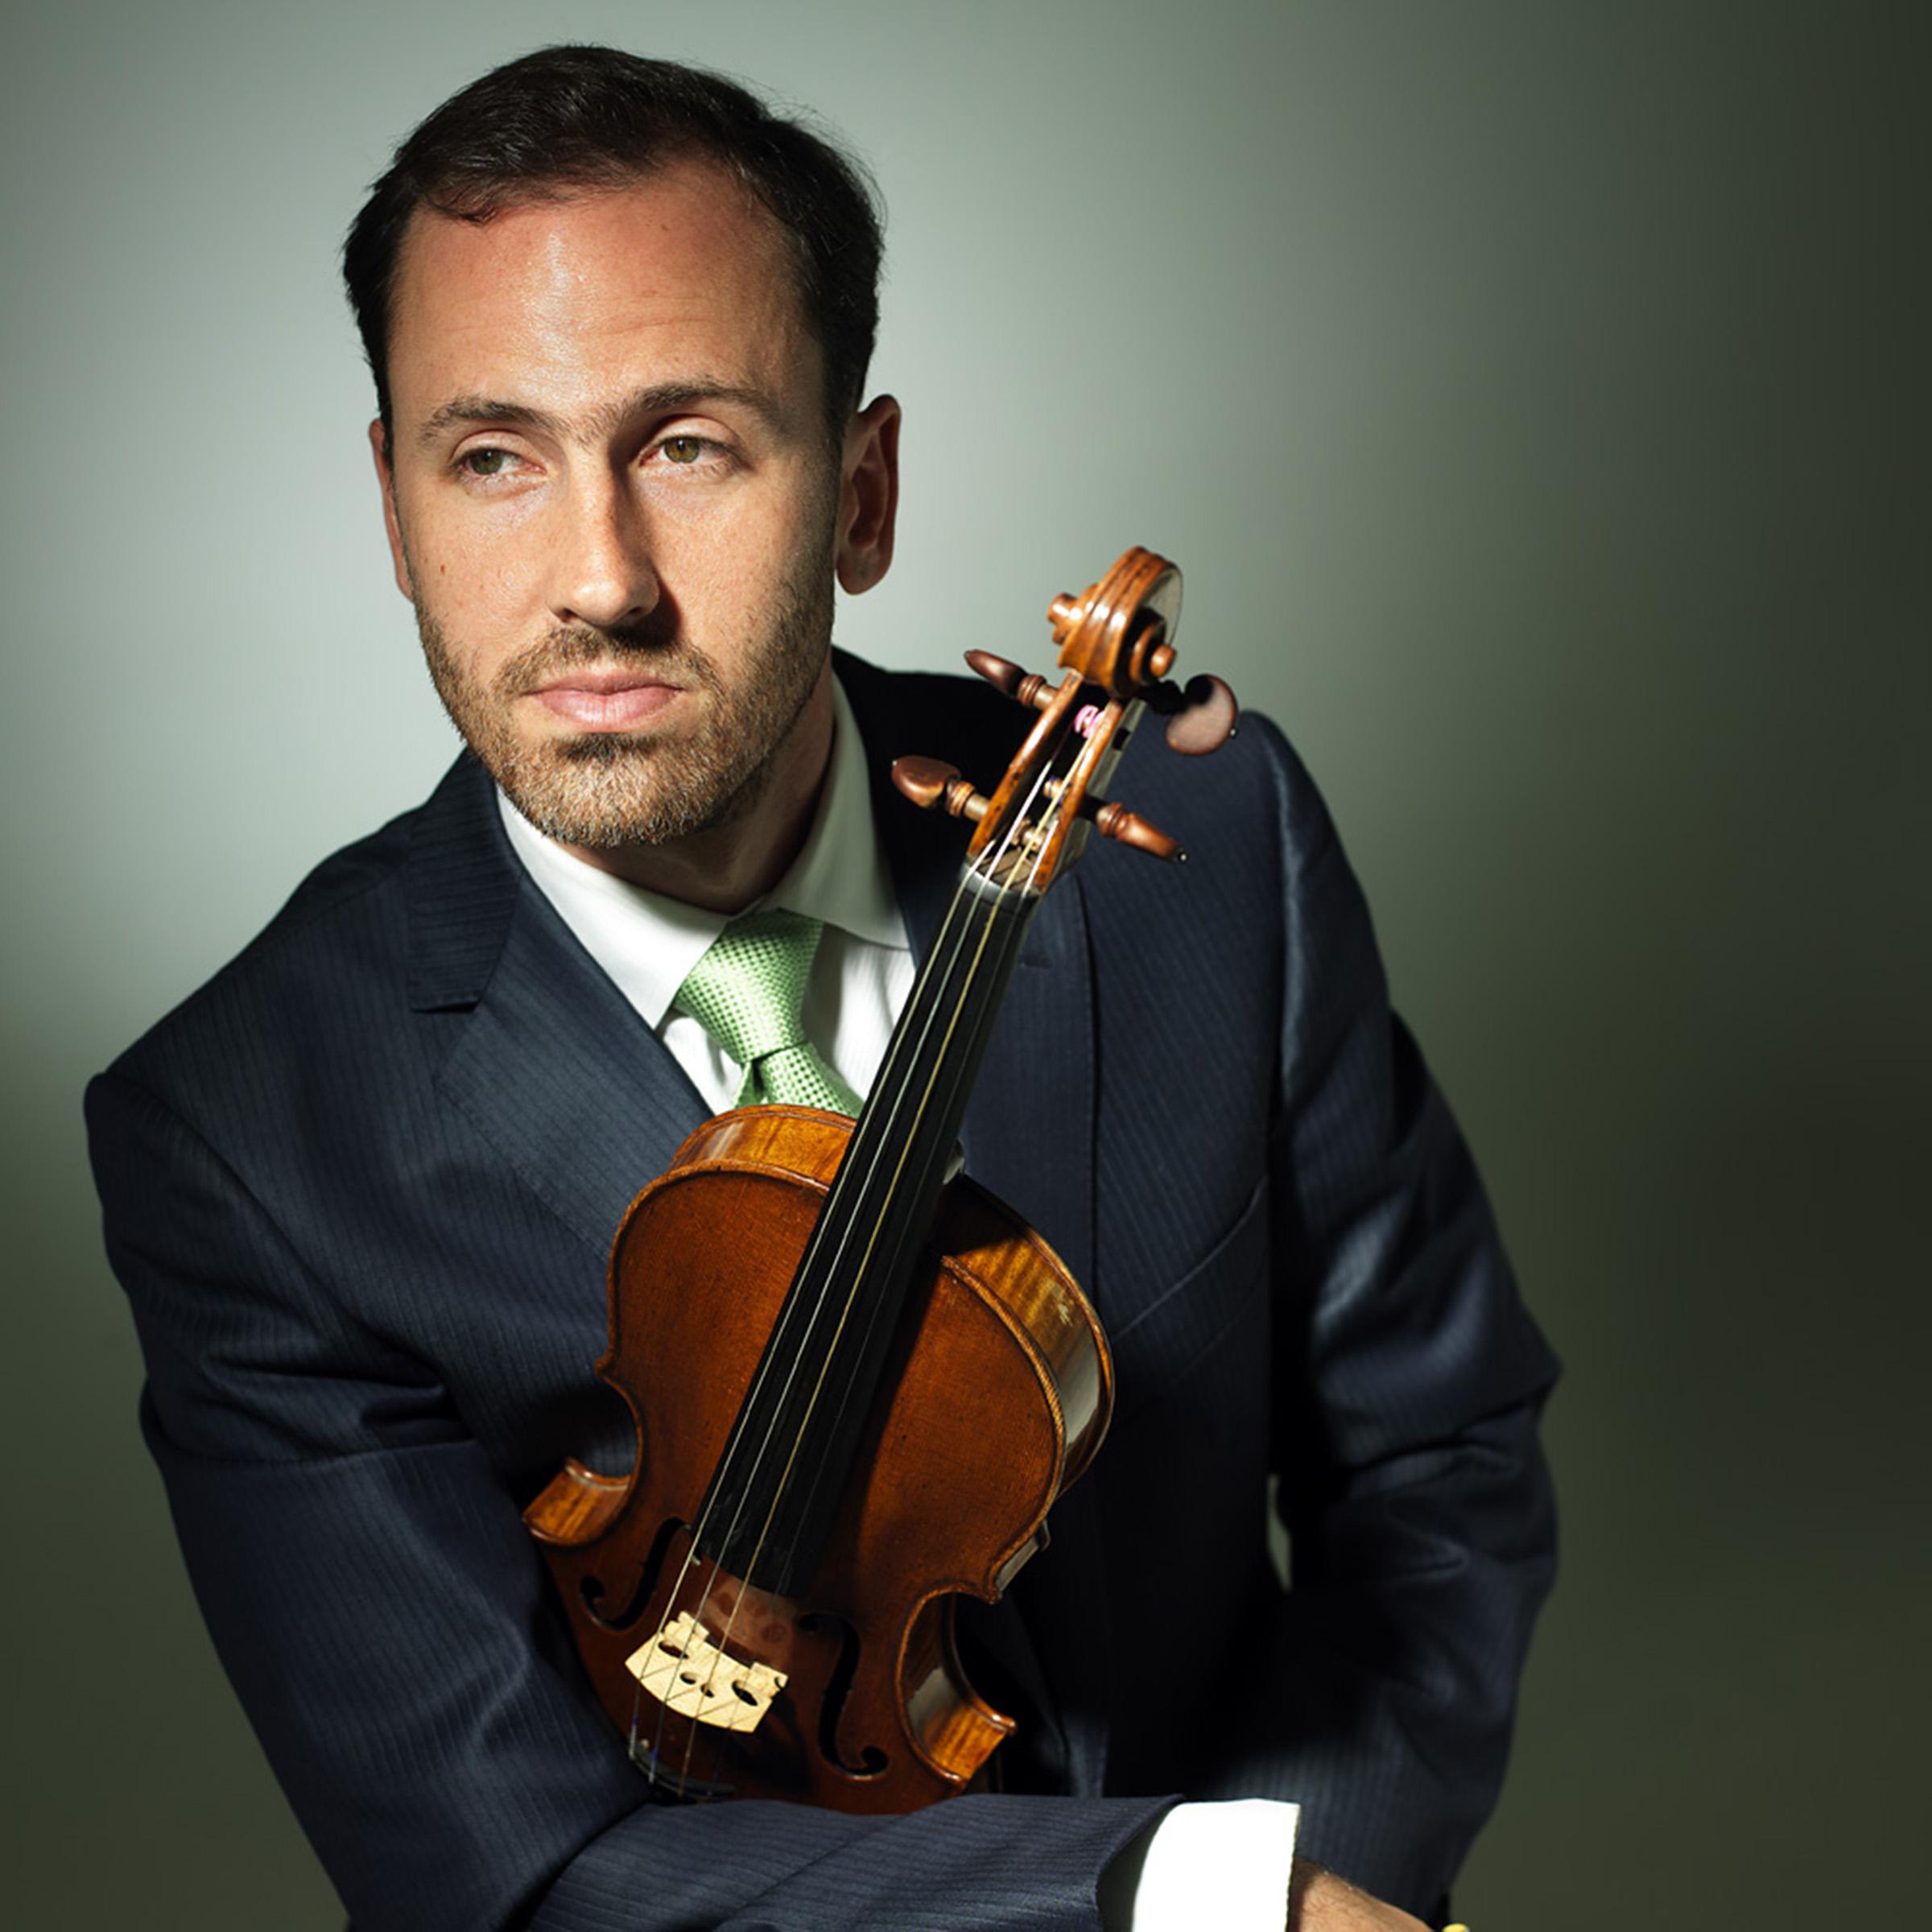 Adam lamotte , violin